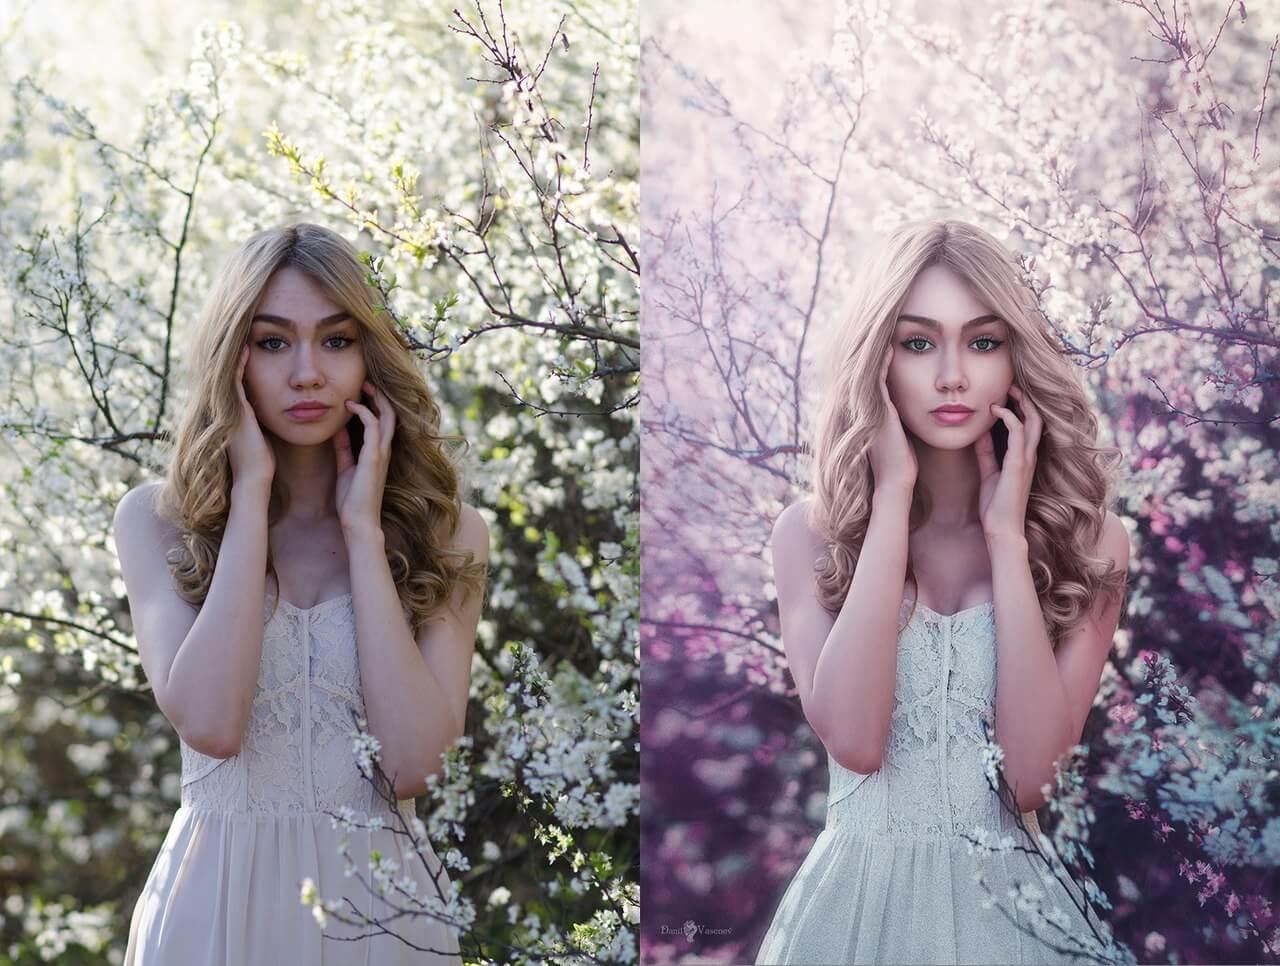 как сделать красивую картинку с фото видео трогательной